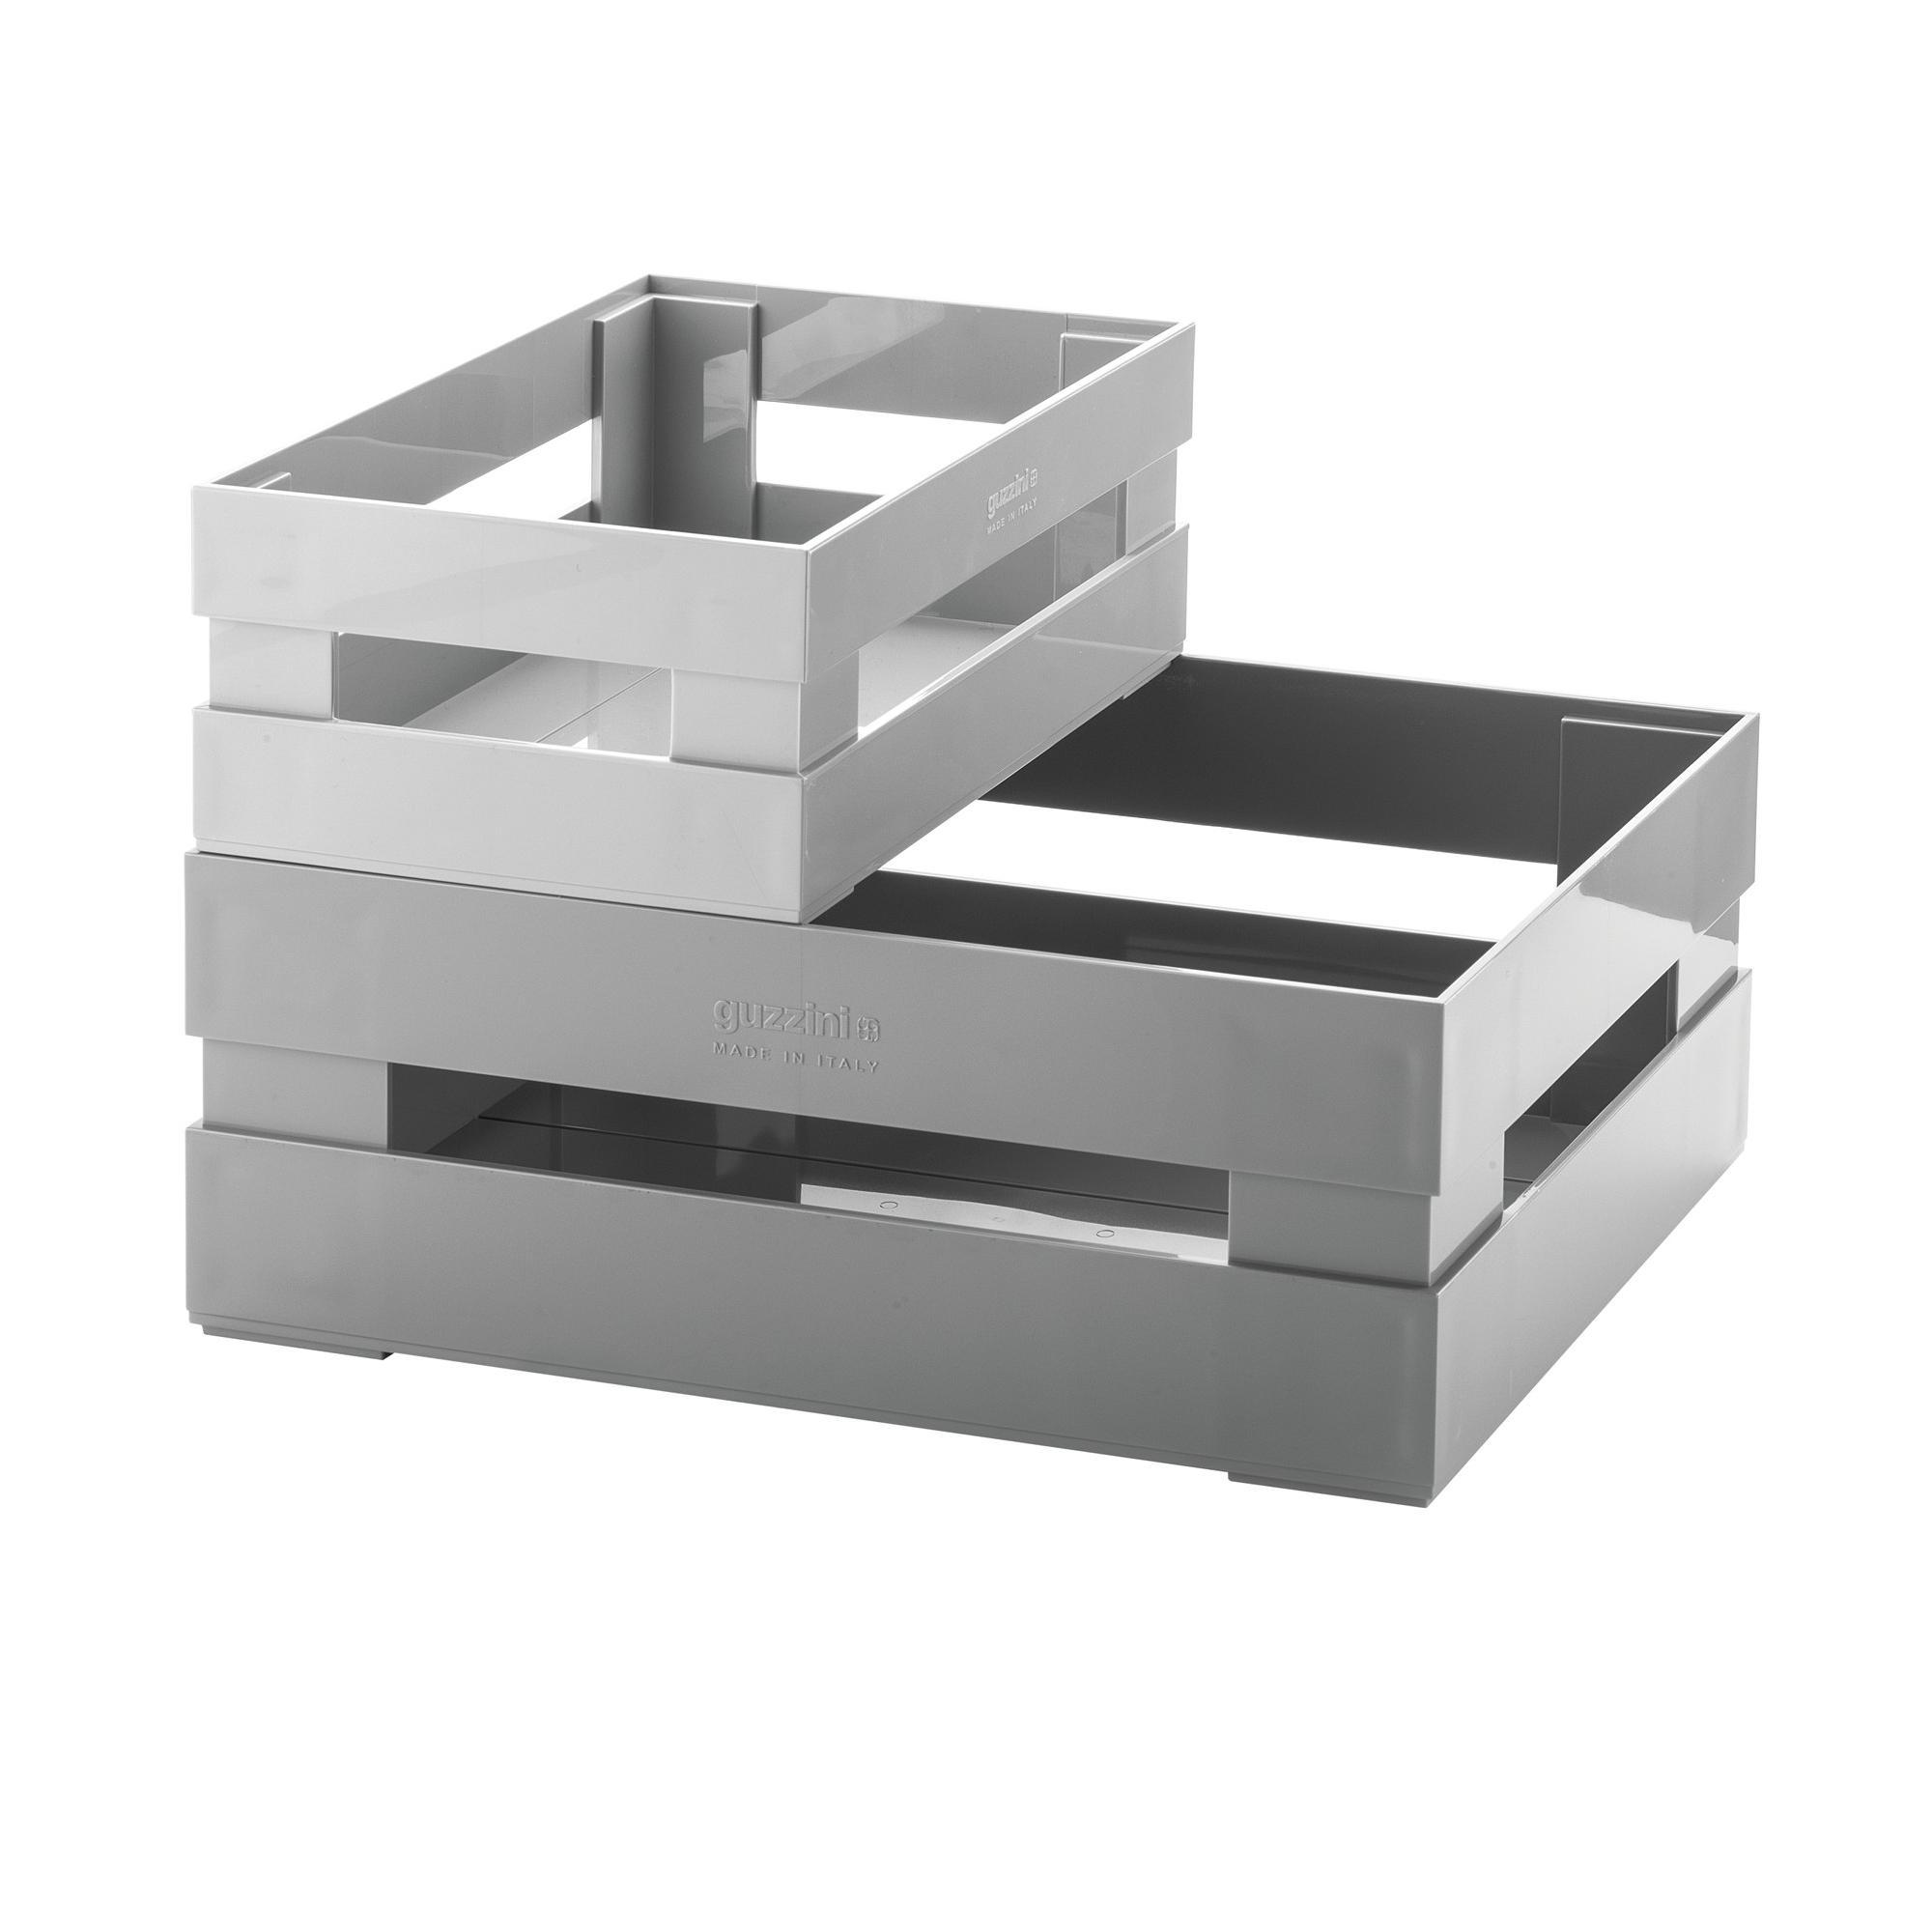 Set 2 Cassette Grande e piccola portafrutta , portatutto 30,5x22,5xh19,5 cm impilabile in acrilico grigio